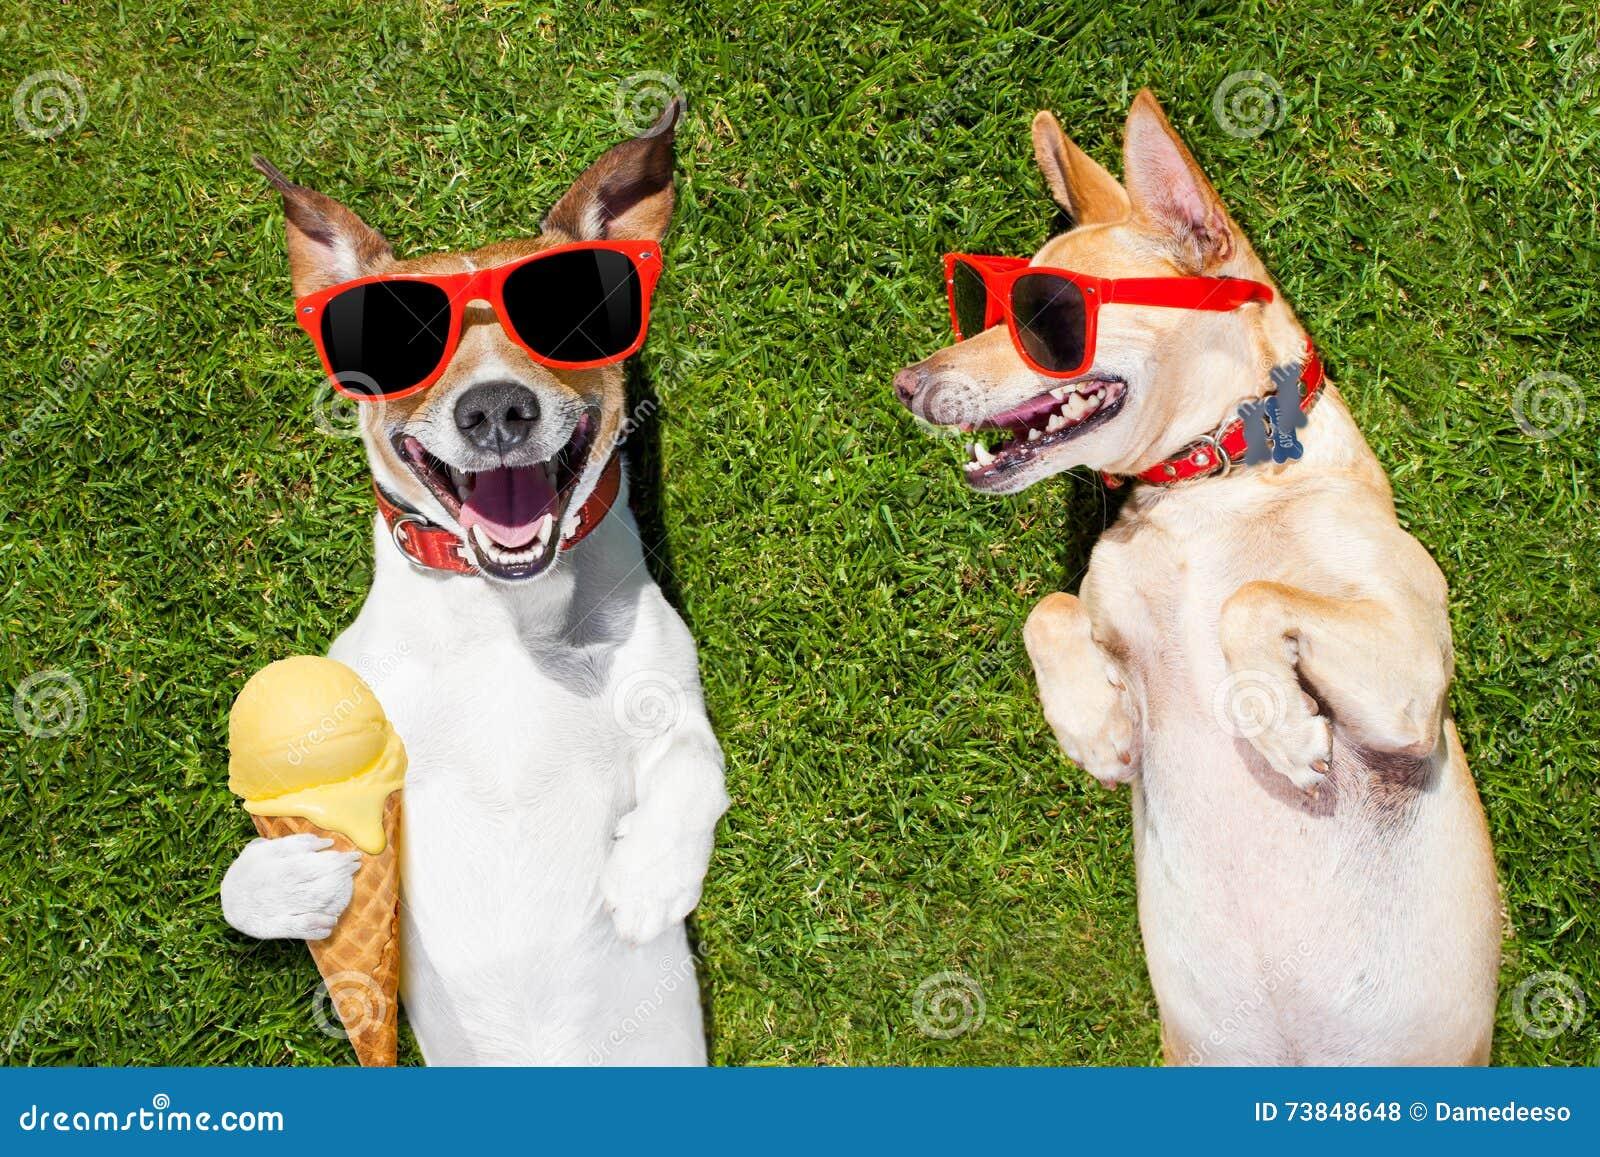 zwei lustige hunde mit eiscreme stockfoto bild von wiese park 73848648. Black Bedroom Furniture Sets. Home Design Ideas